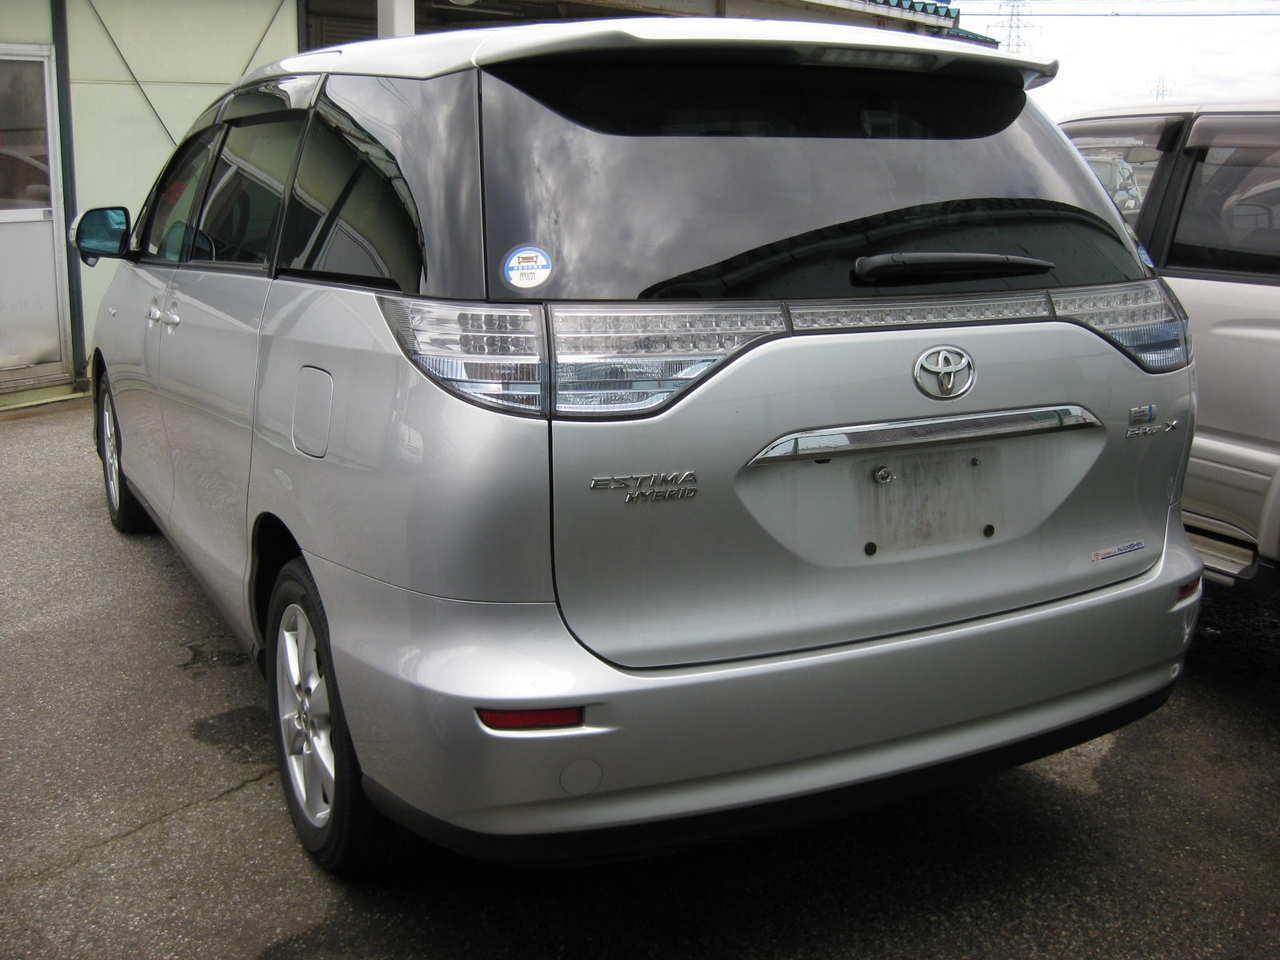 2008 Toyota Estima Hybrid Images